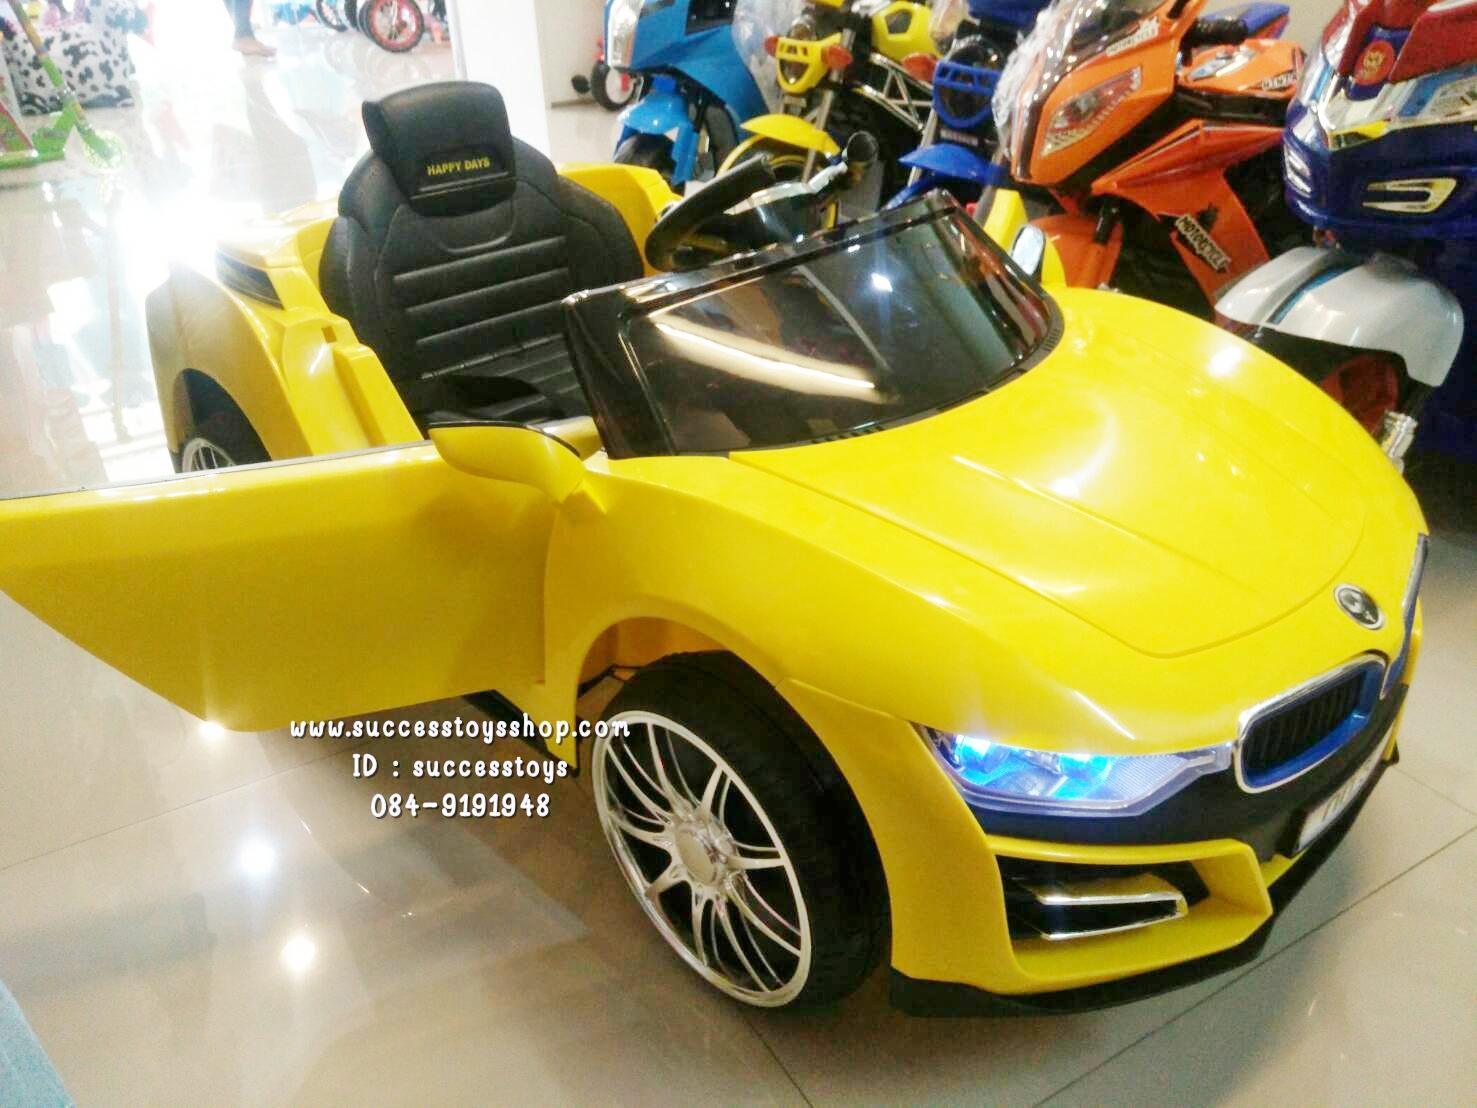 3181Y รถแบตเตอรี่ไฟฟ้า BMW I8 2 มอเตอร์ สีเหลือง